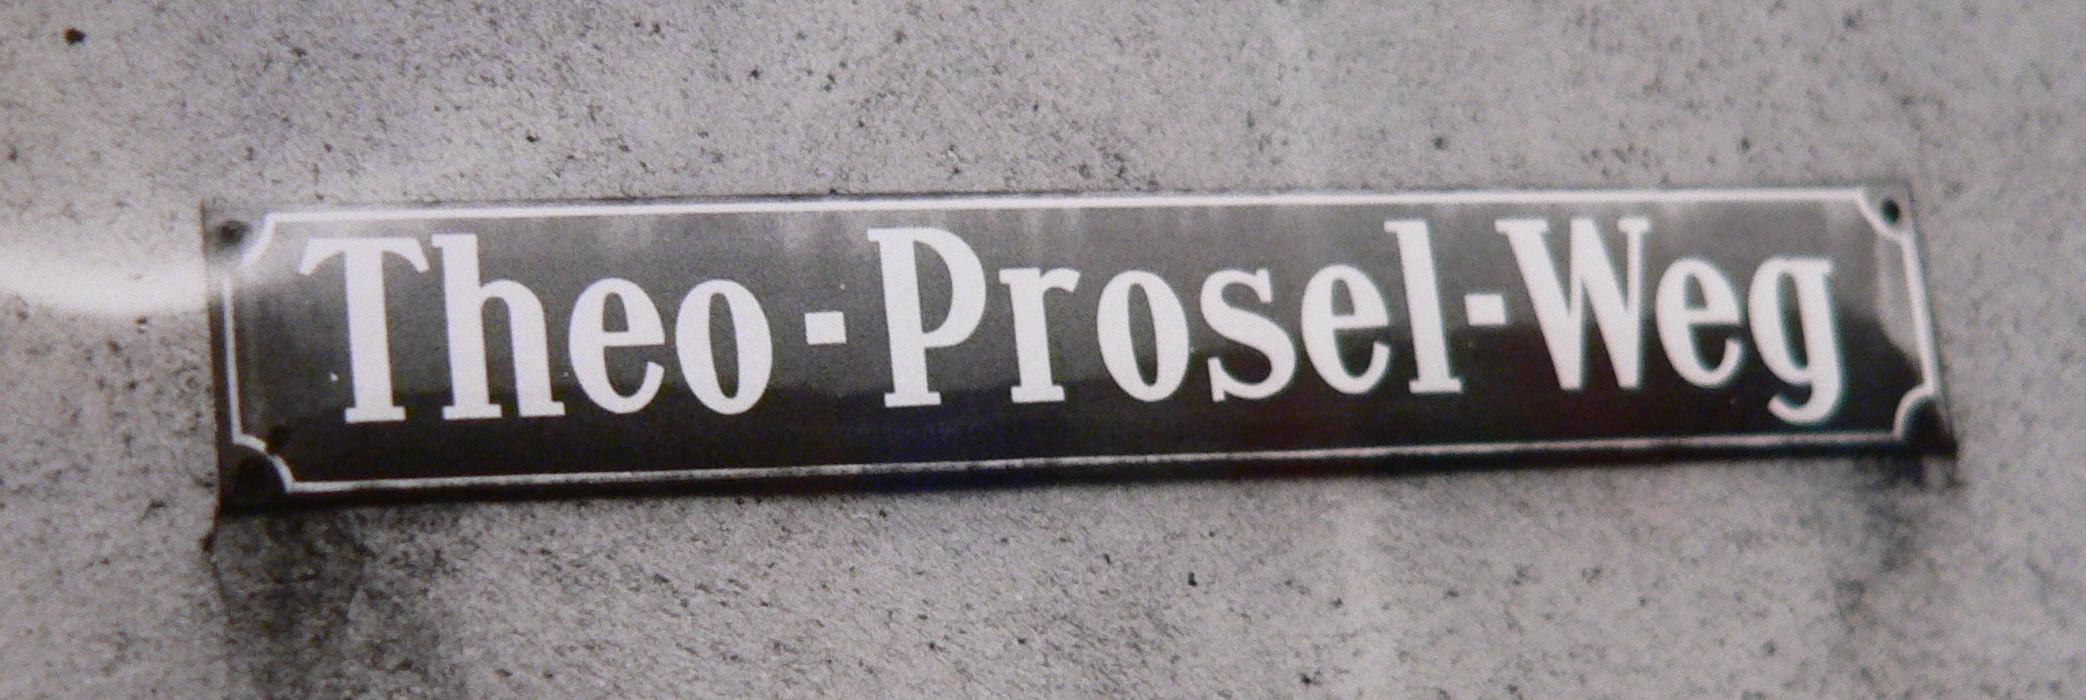 Theo-Prosel-Weg